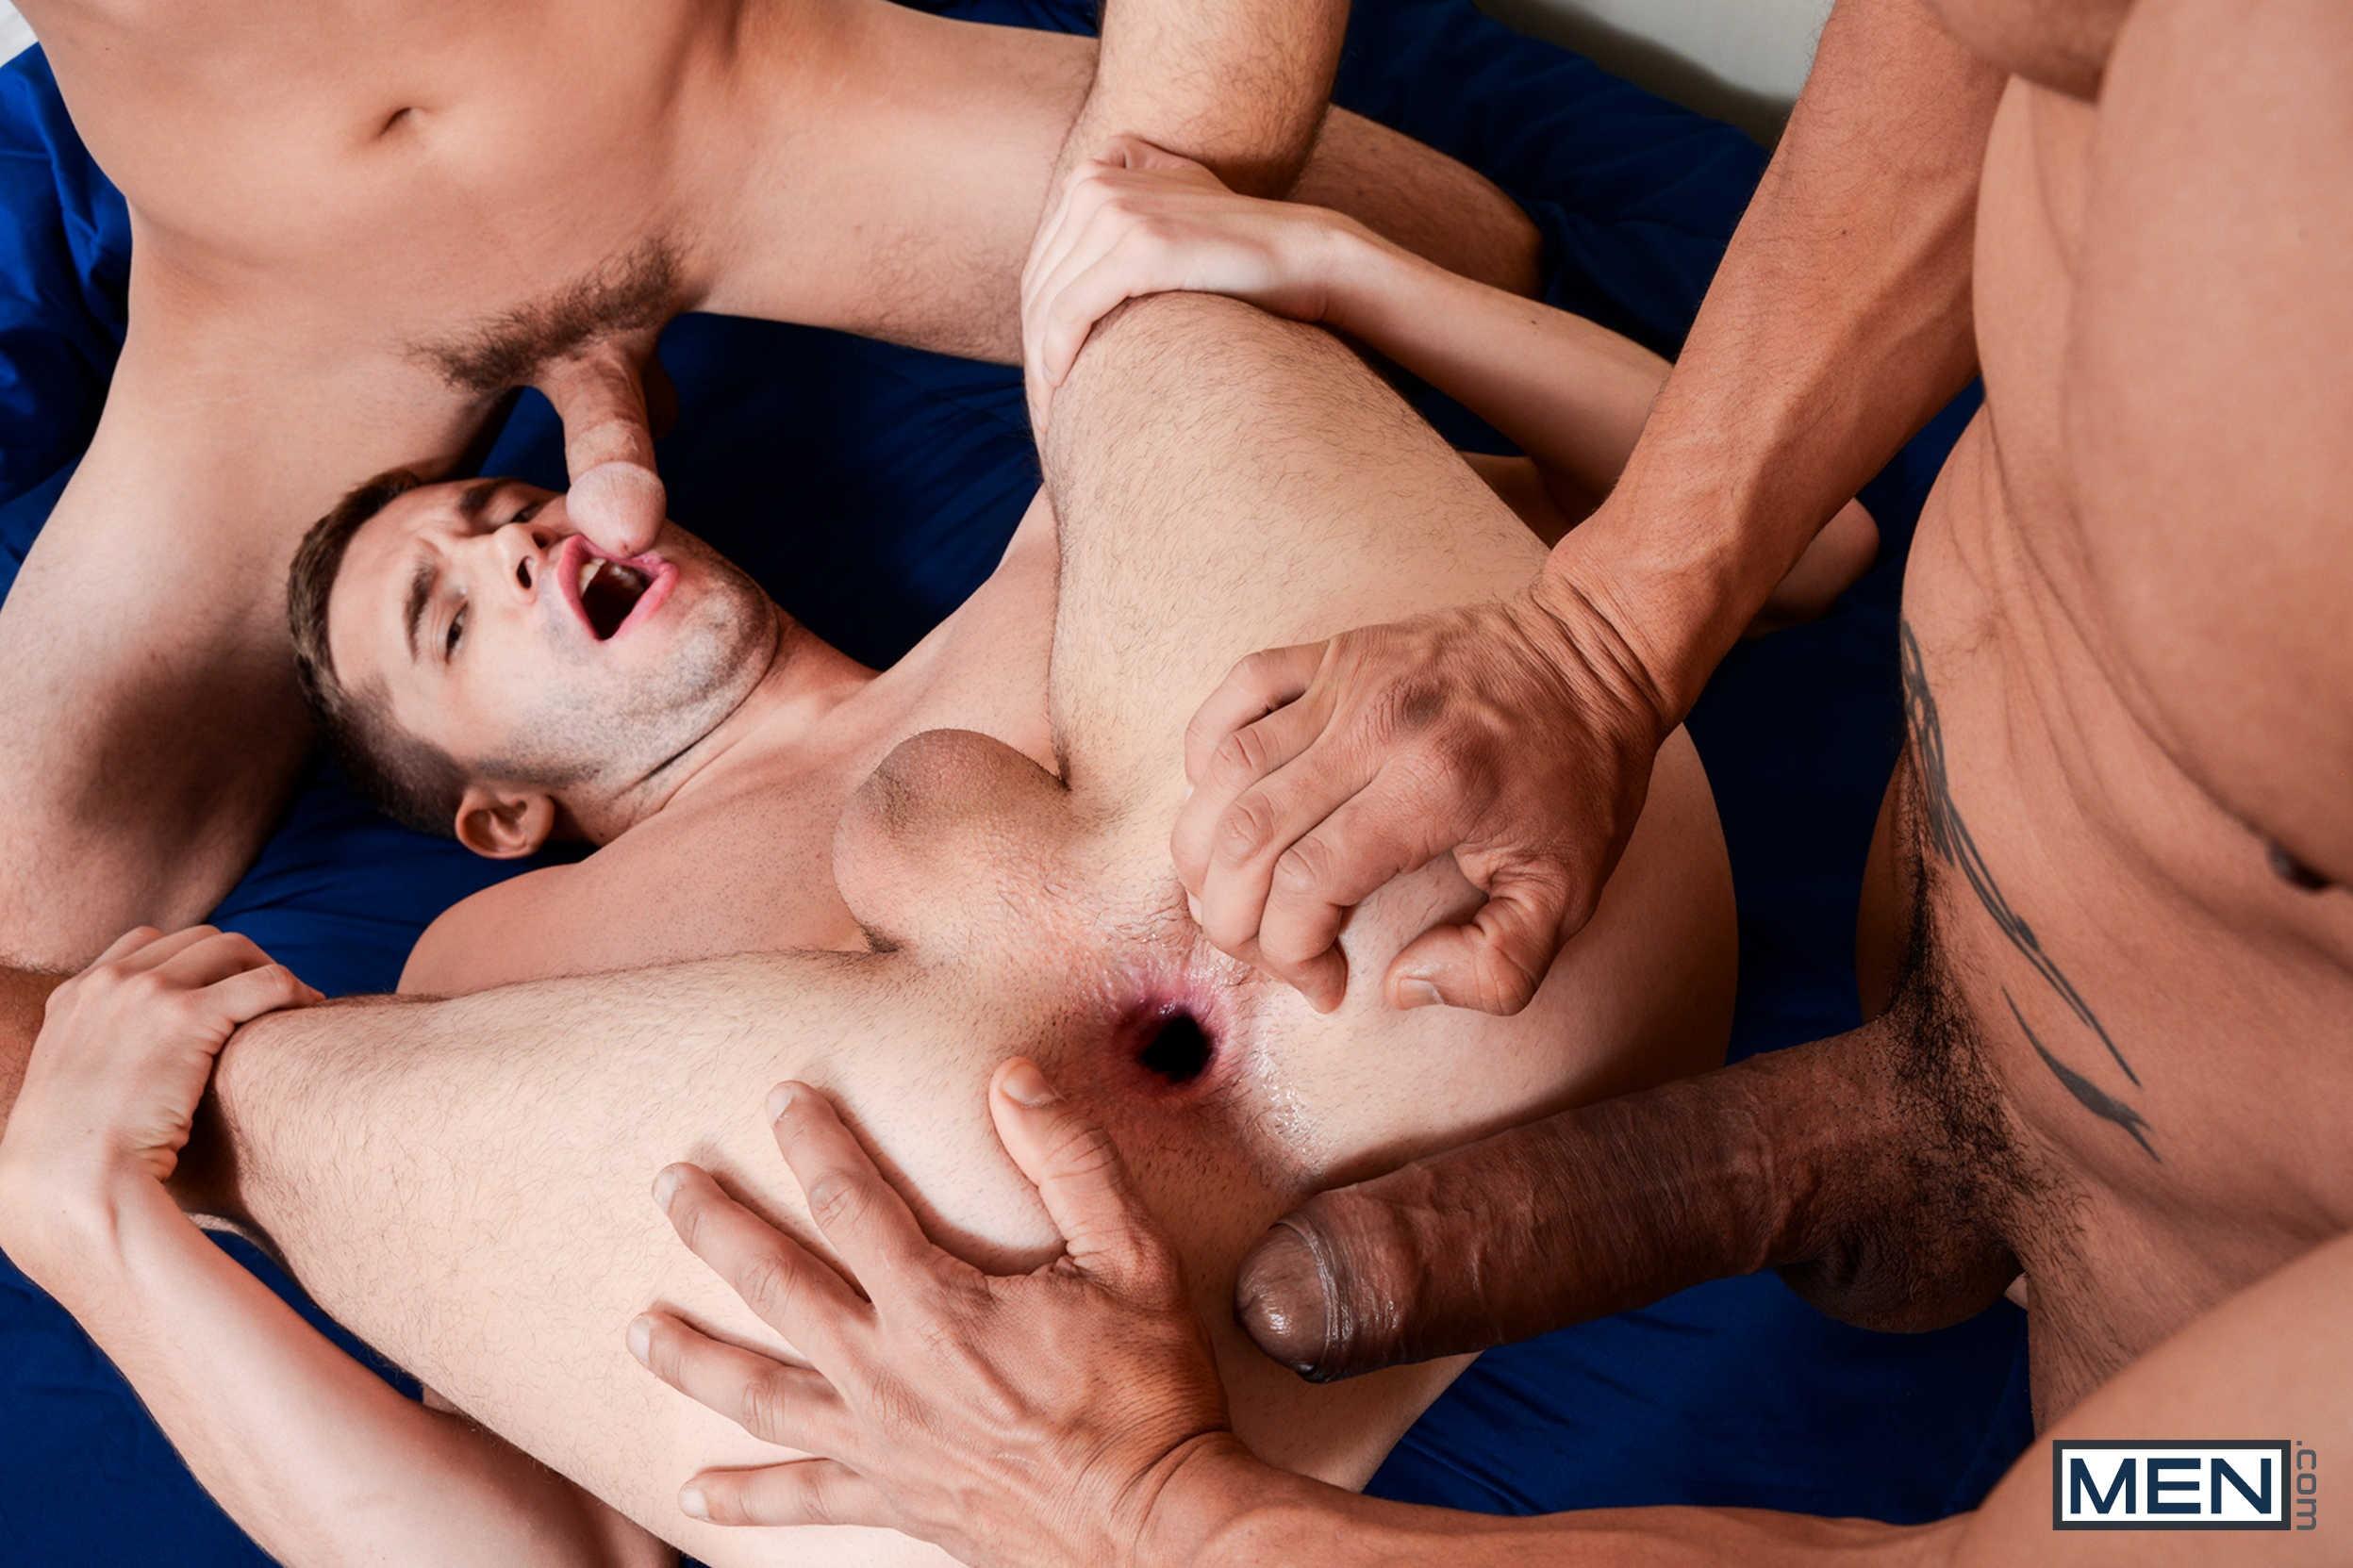 молодое жесткое порно с парнями был ещё достаточно